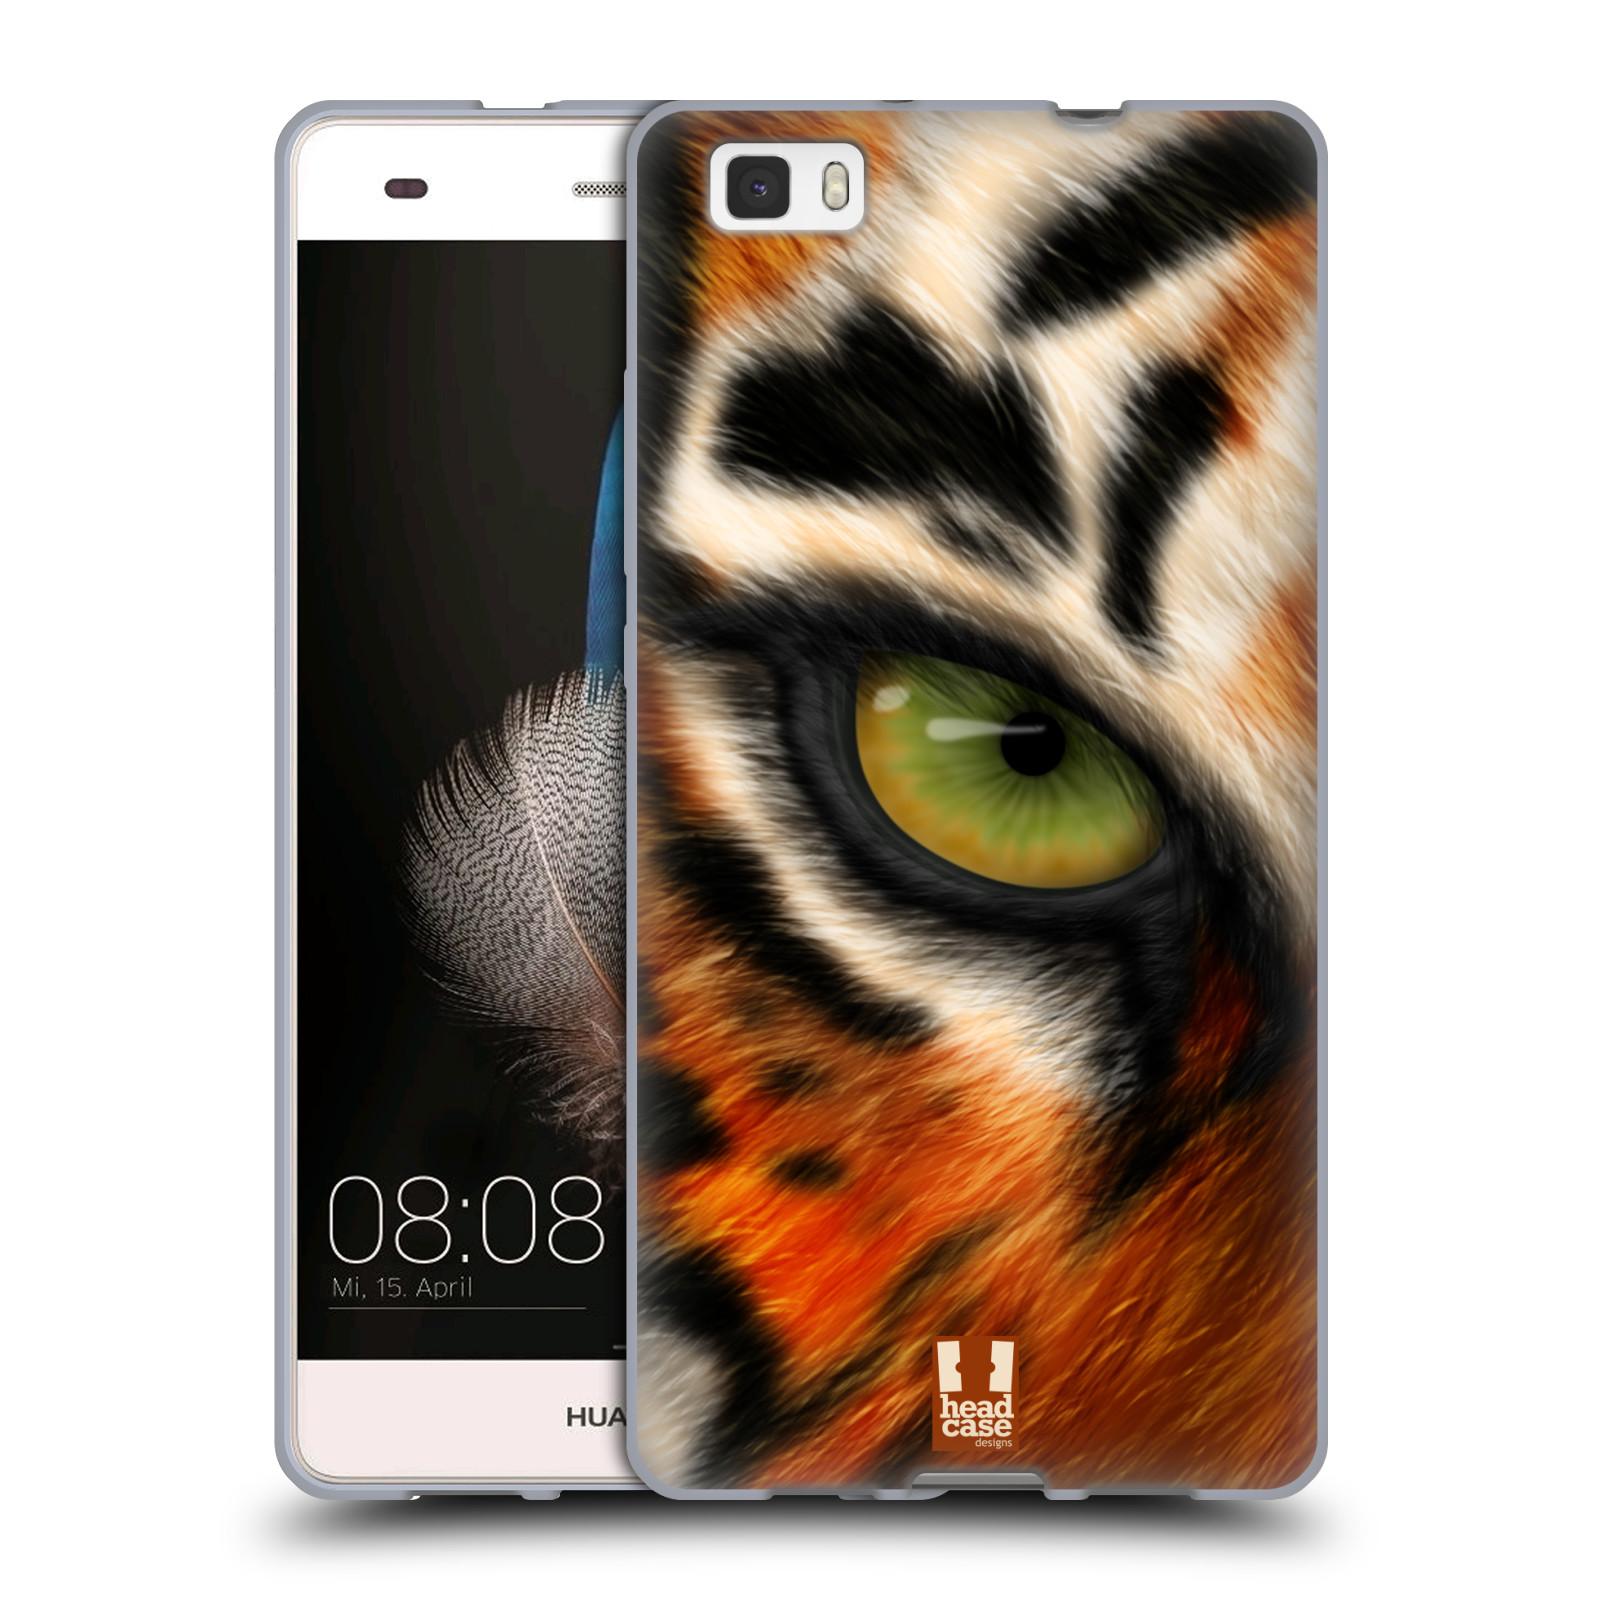 HEAD CASE silikonový obal na mobil HUAWEI P8 LITE vzor pohled zvířete oko tygr